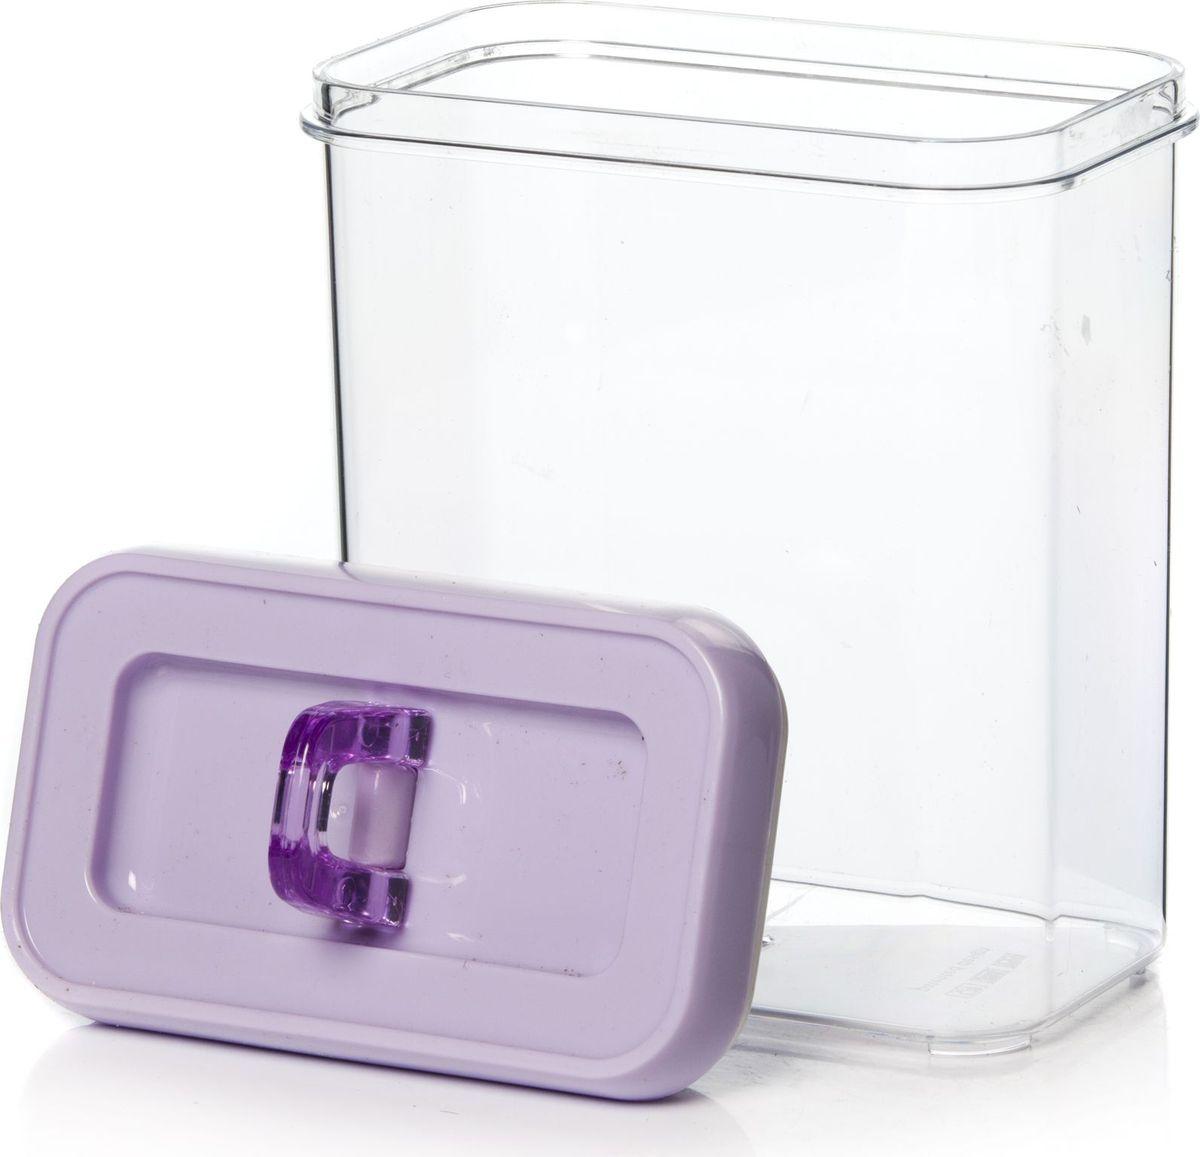 Контейнер для продуктов Herevin, 1,7 л. 161183-033161183-033Контейнер для продуктов Herevin изготовлен из качественного пищевого пластика без содержания BPA. Крышка плотно и герметично закрывается, поэтому продукты дольше остаются свежими. Прозрачные стенки позволяют видеть содержимое. Такой контейнер подойдет для использования дома, его можно взять с собой на работу, учебу, в поездку.